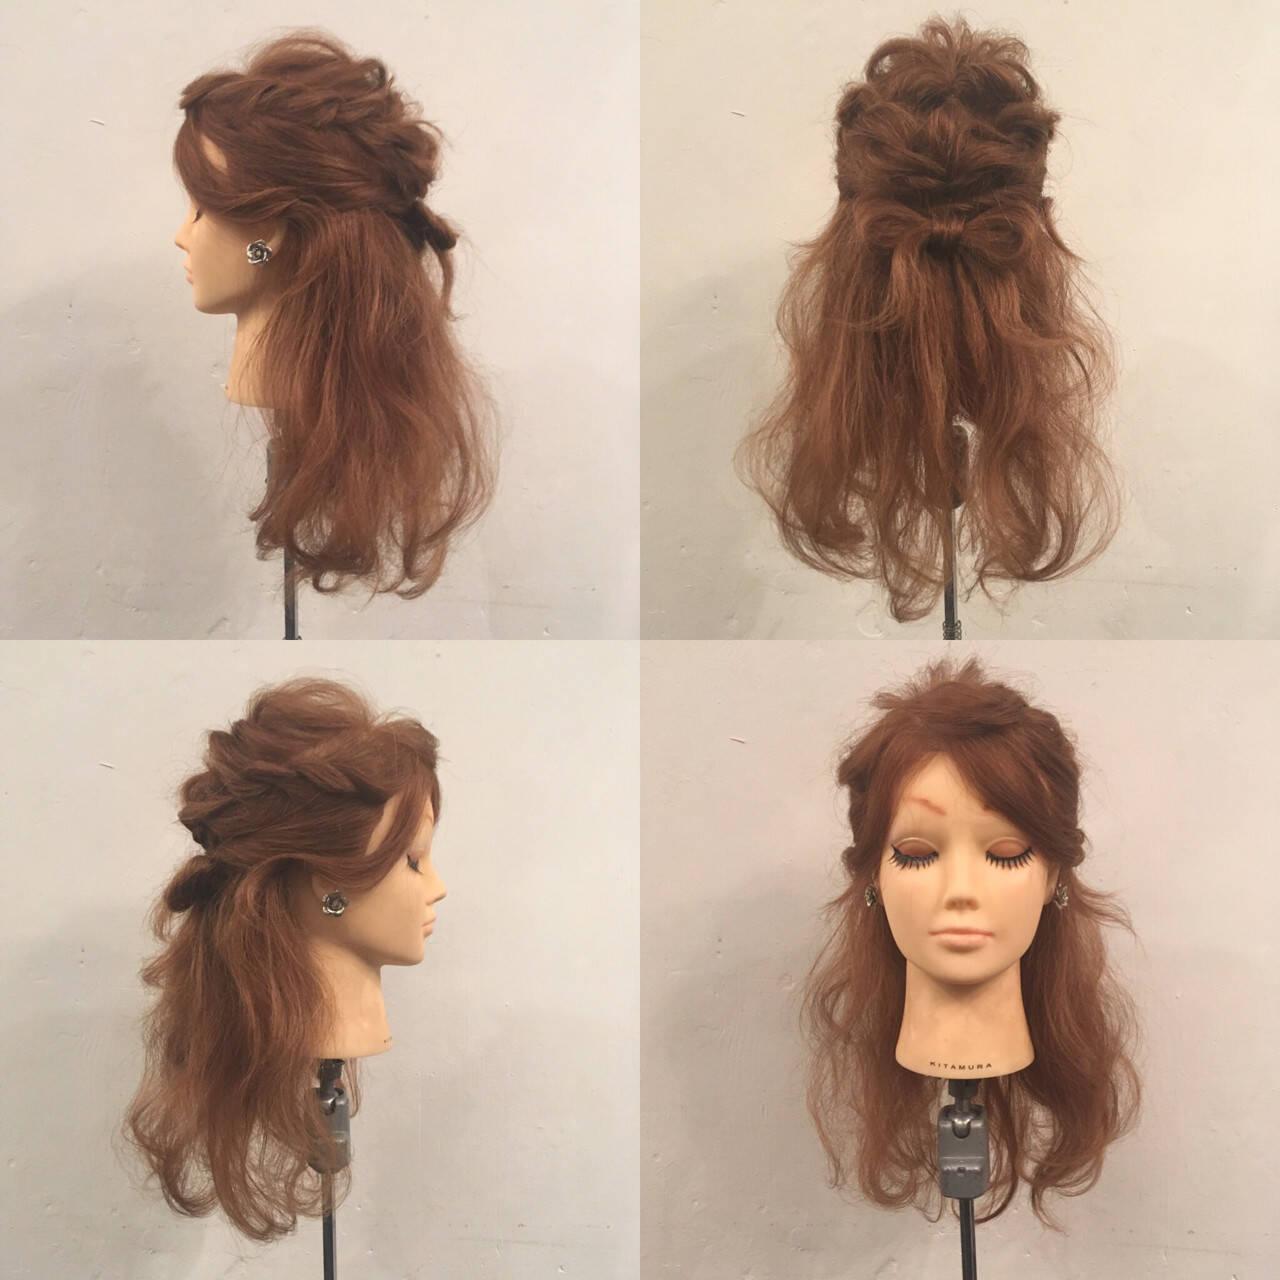 ヘアアレンジ セミロング ハーフアップ 波ウェーブヘアスタイルや髪型の写真・画像